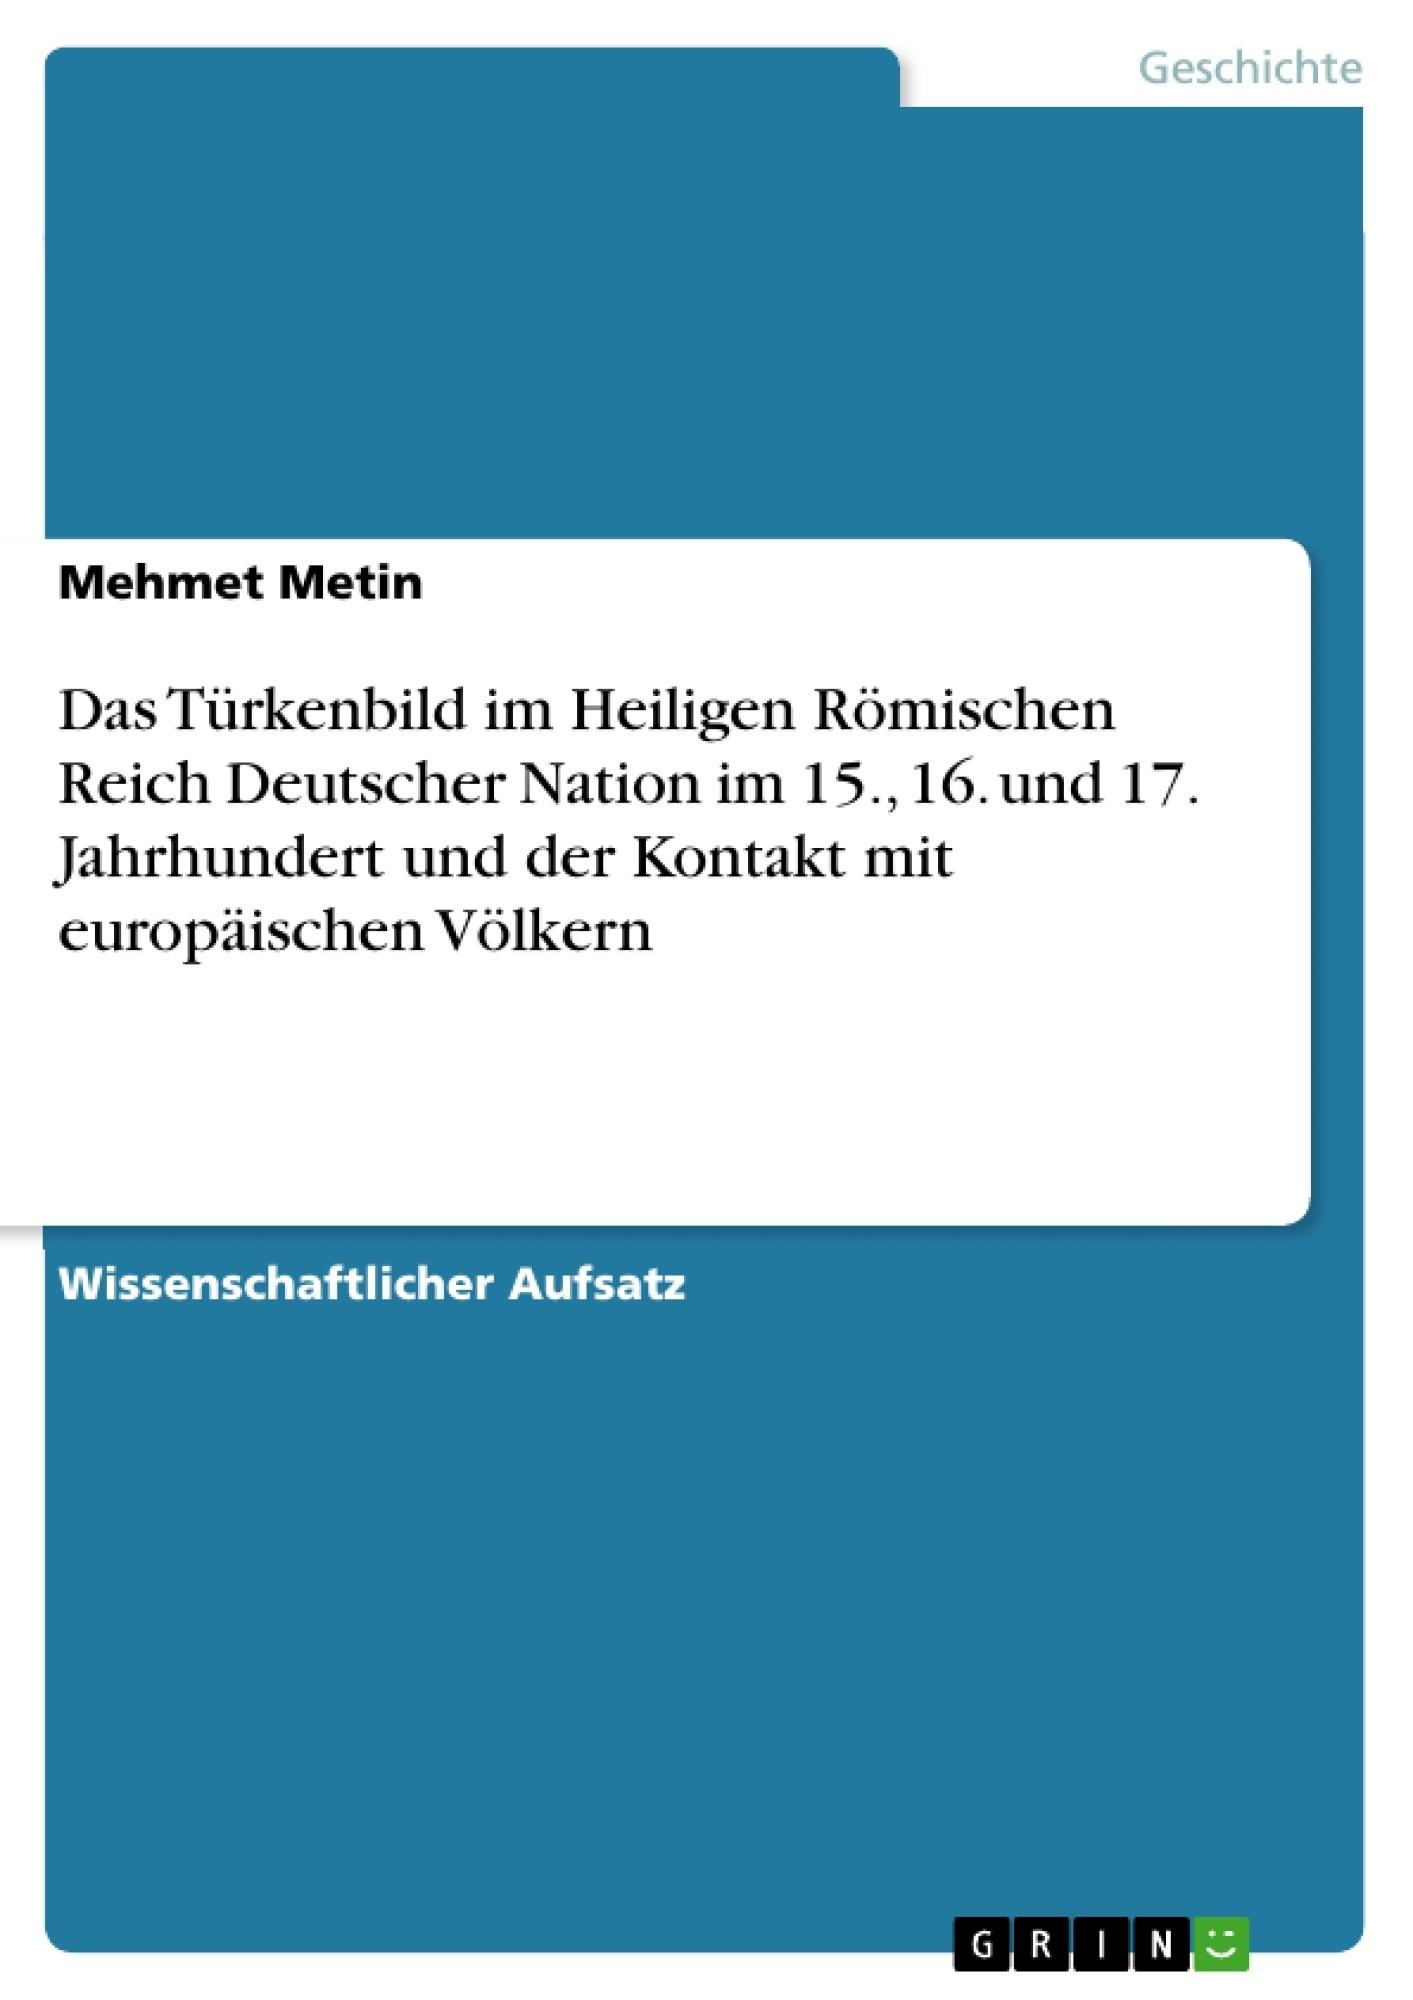 Titel: Das Türkenbild im Heiligen Römischen Reich Deutscher Nation im 15., 16. und 17. Jahrhundert und der Kontakt mit europäischen Völkern